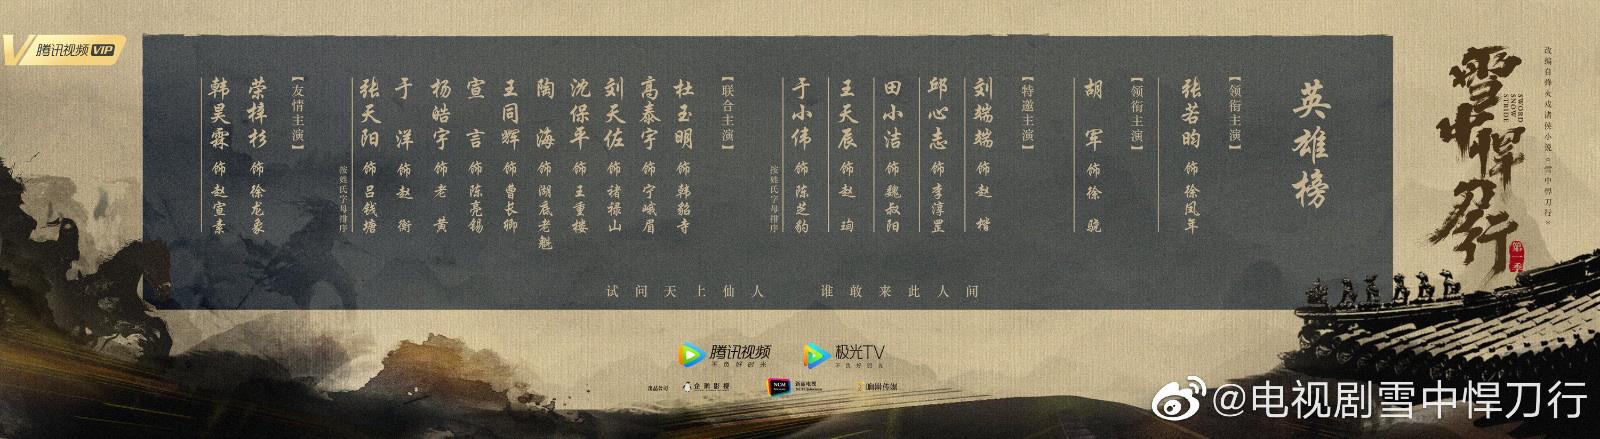 《雪中悍刀行》官宣 张若昀携《庆余年》团队加盟